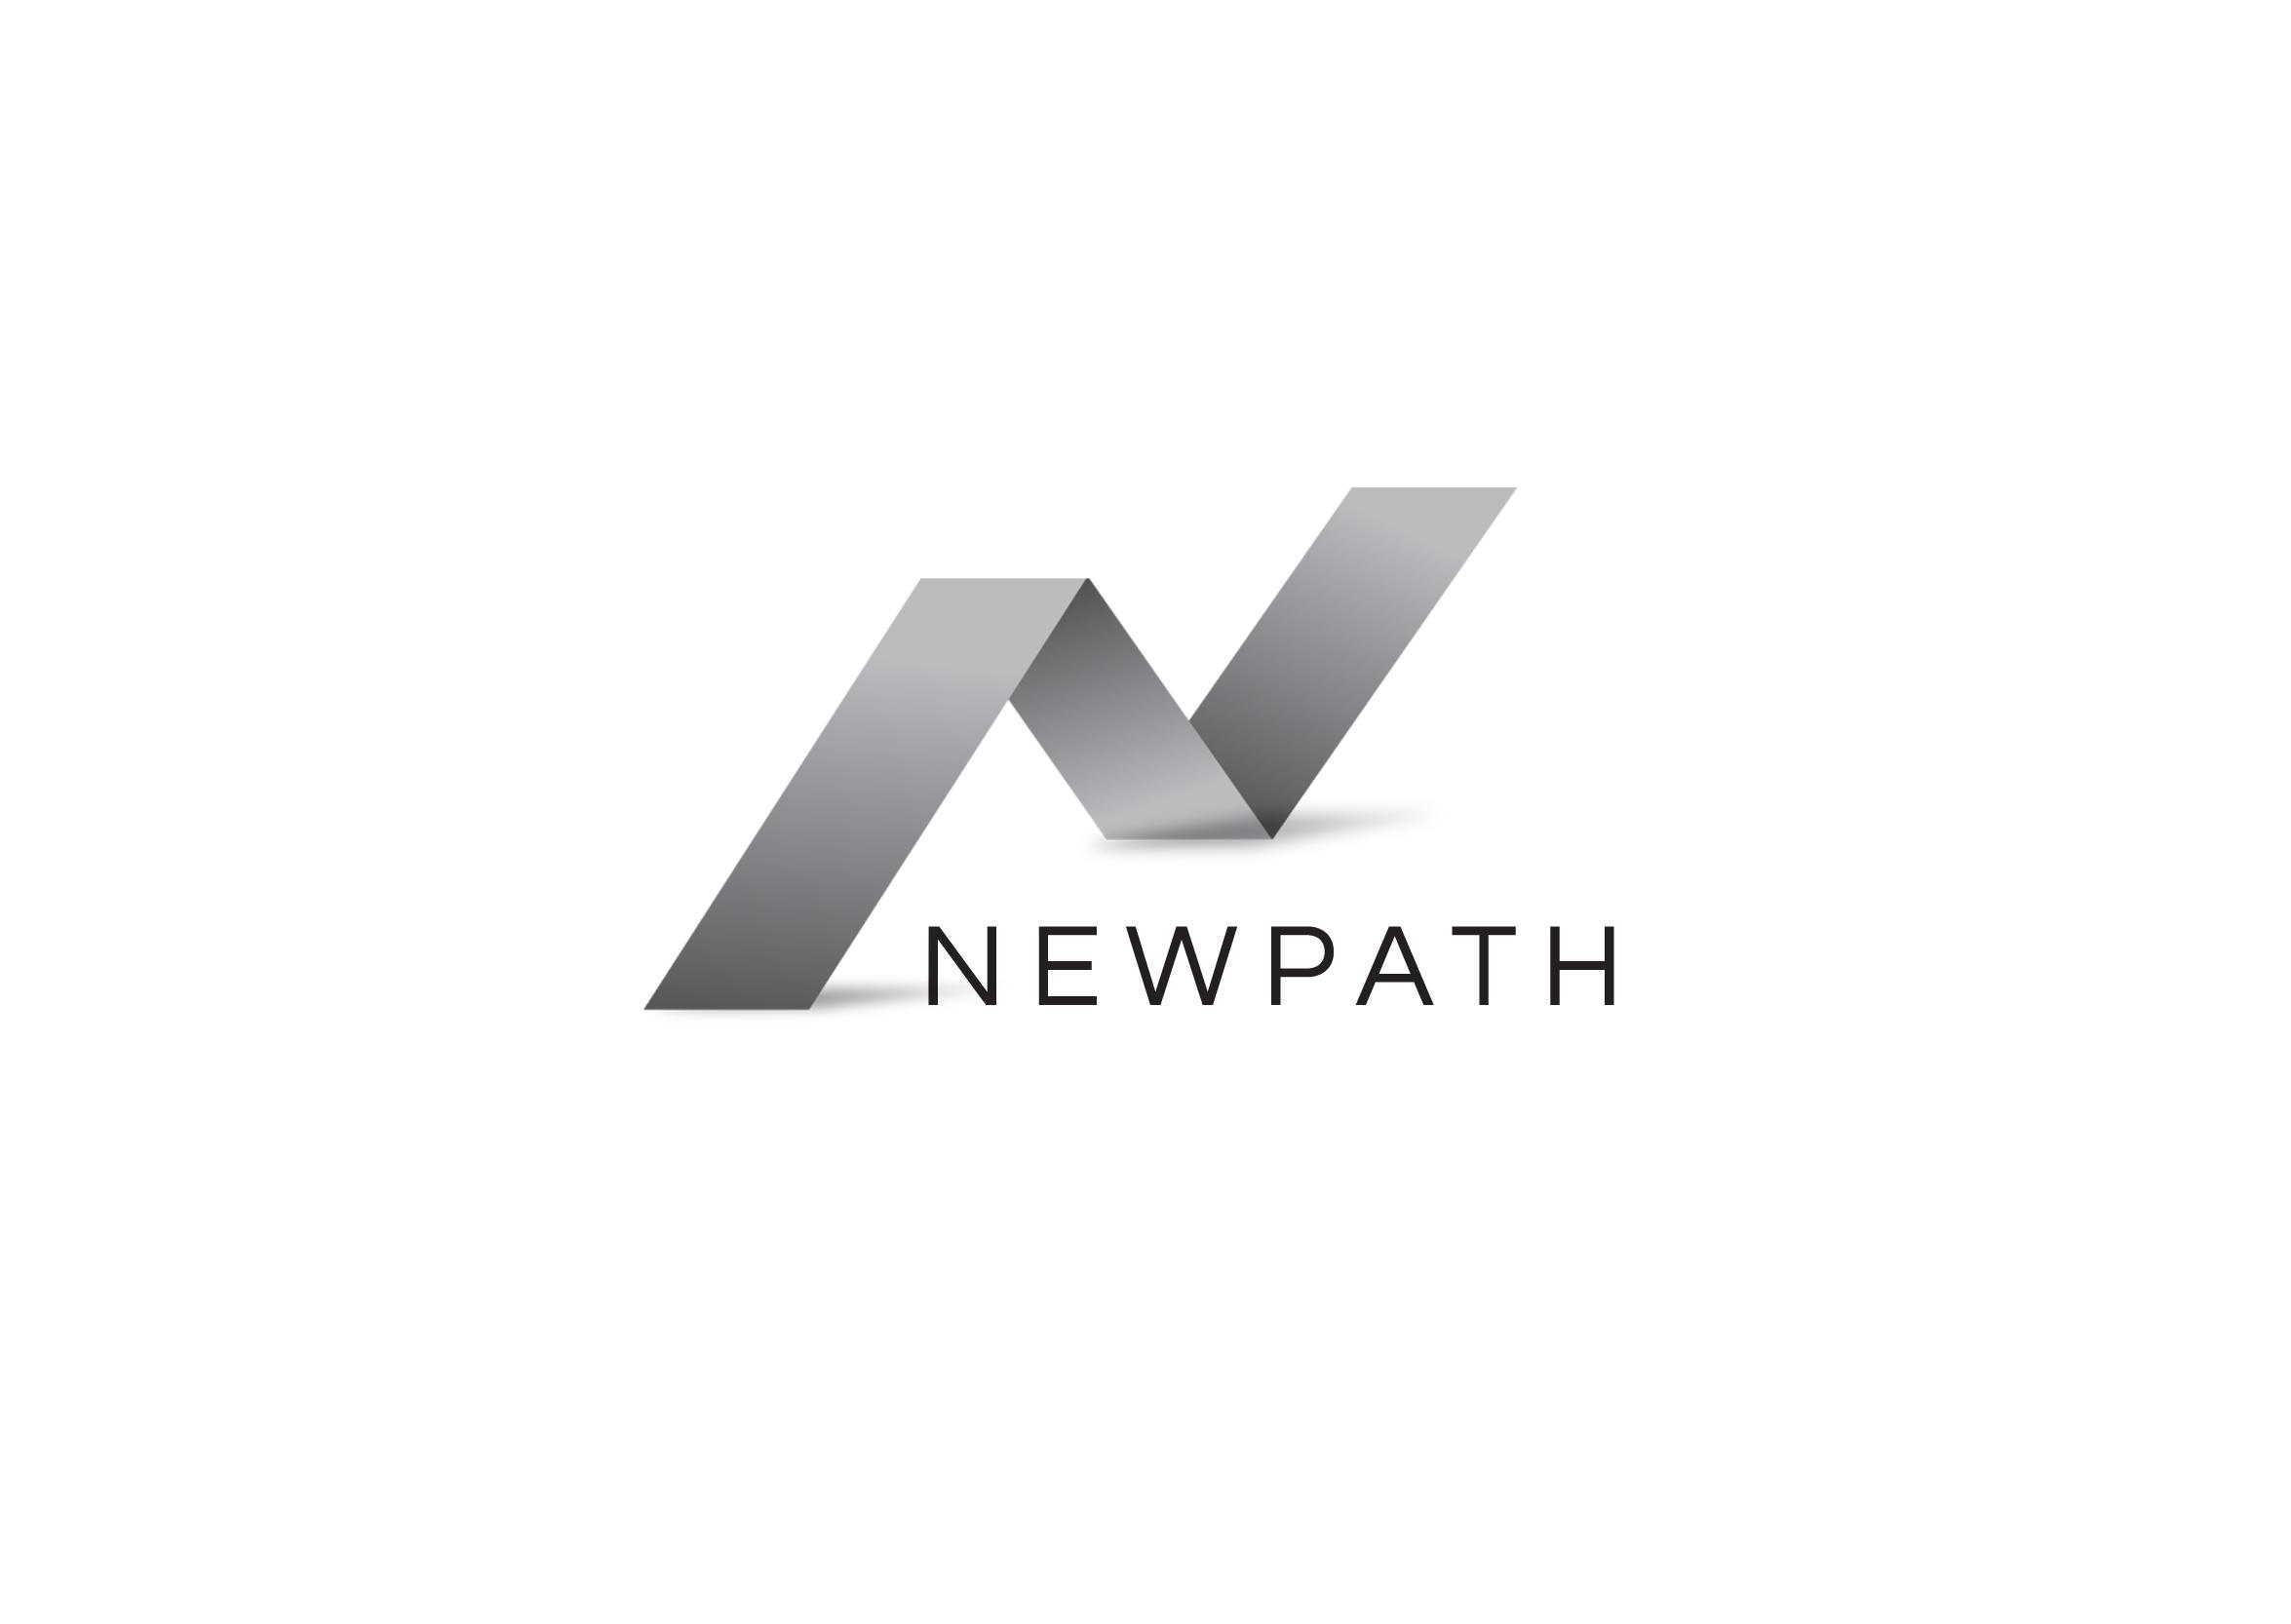 NEWPATH.jpg